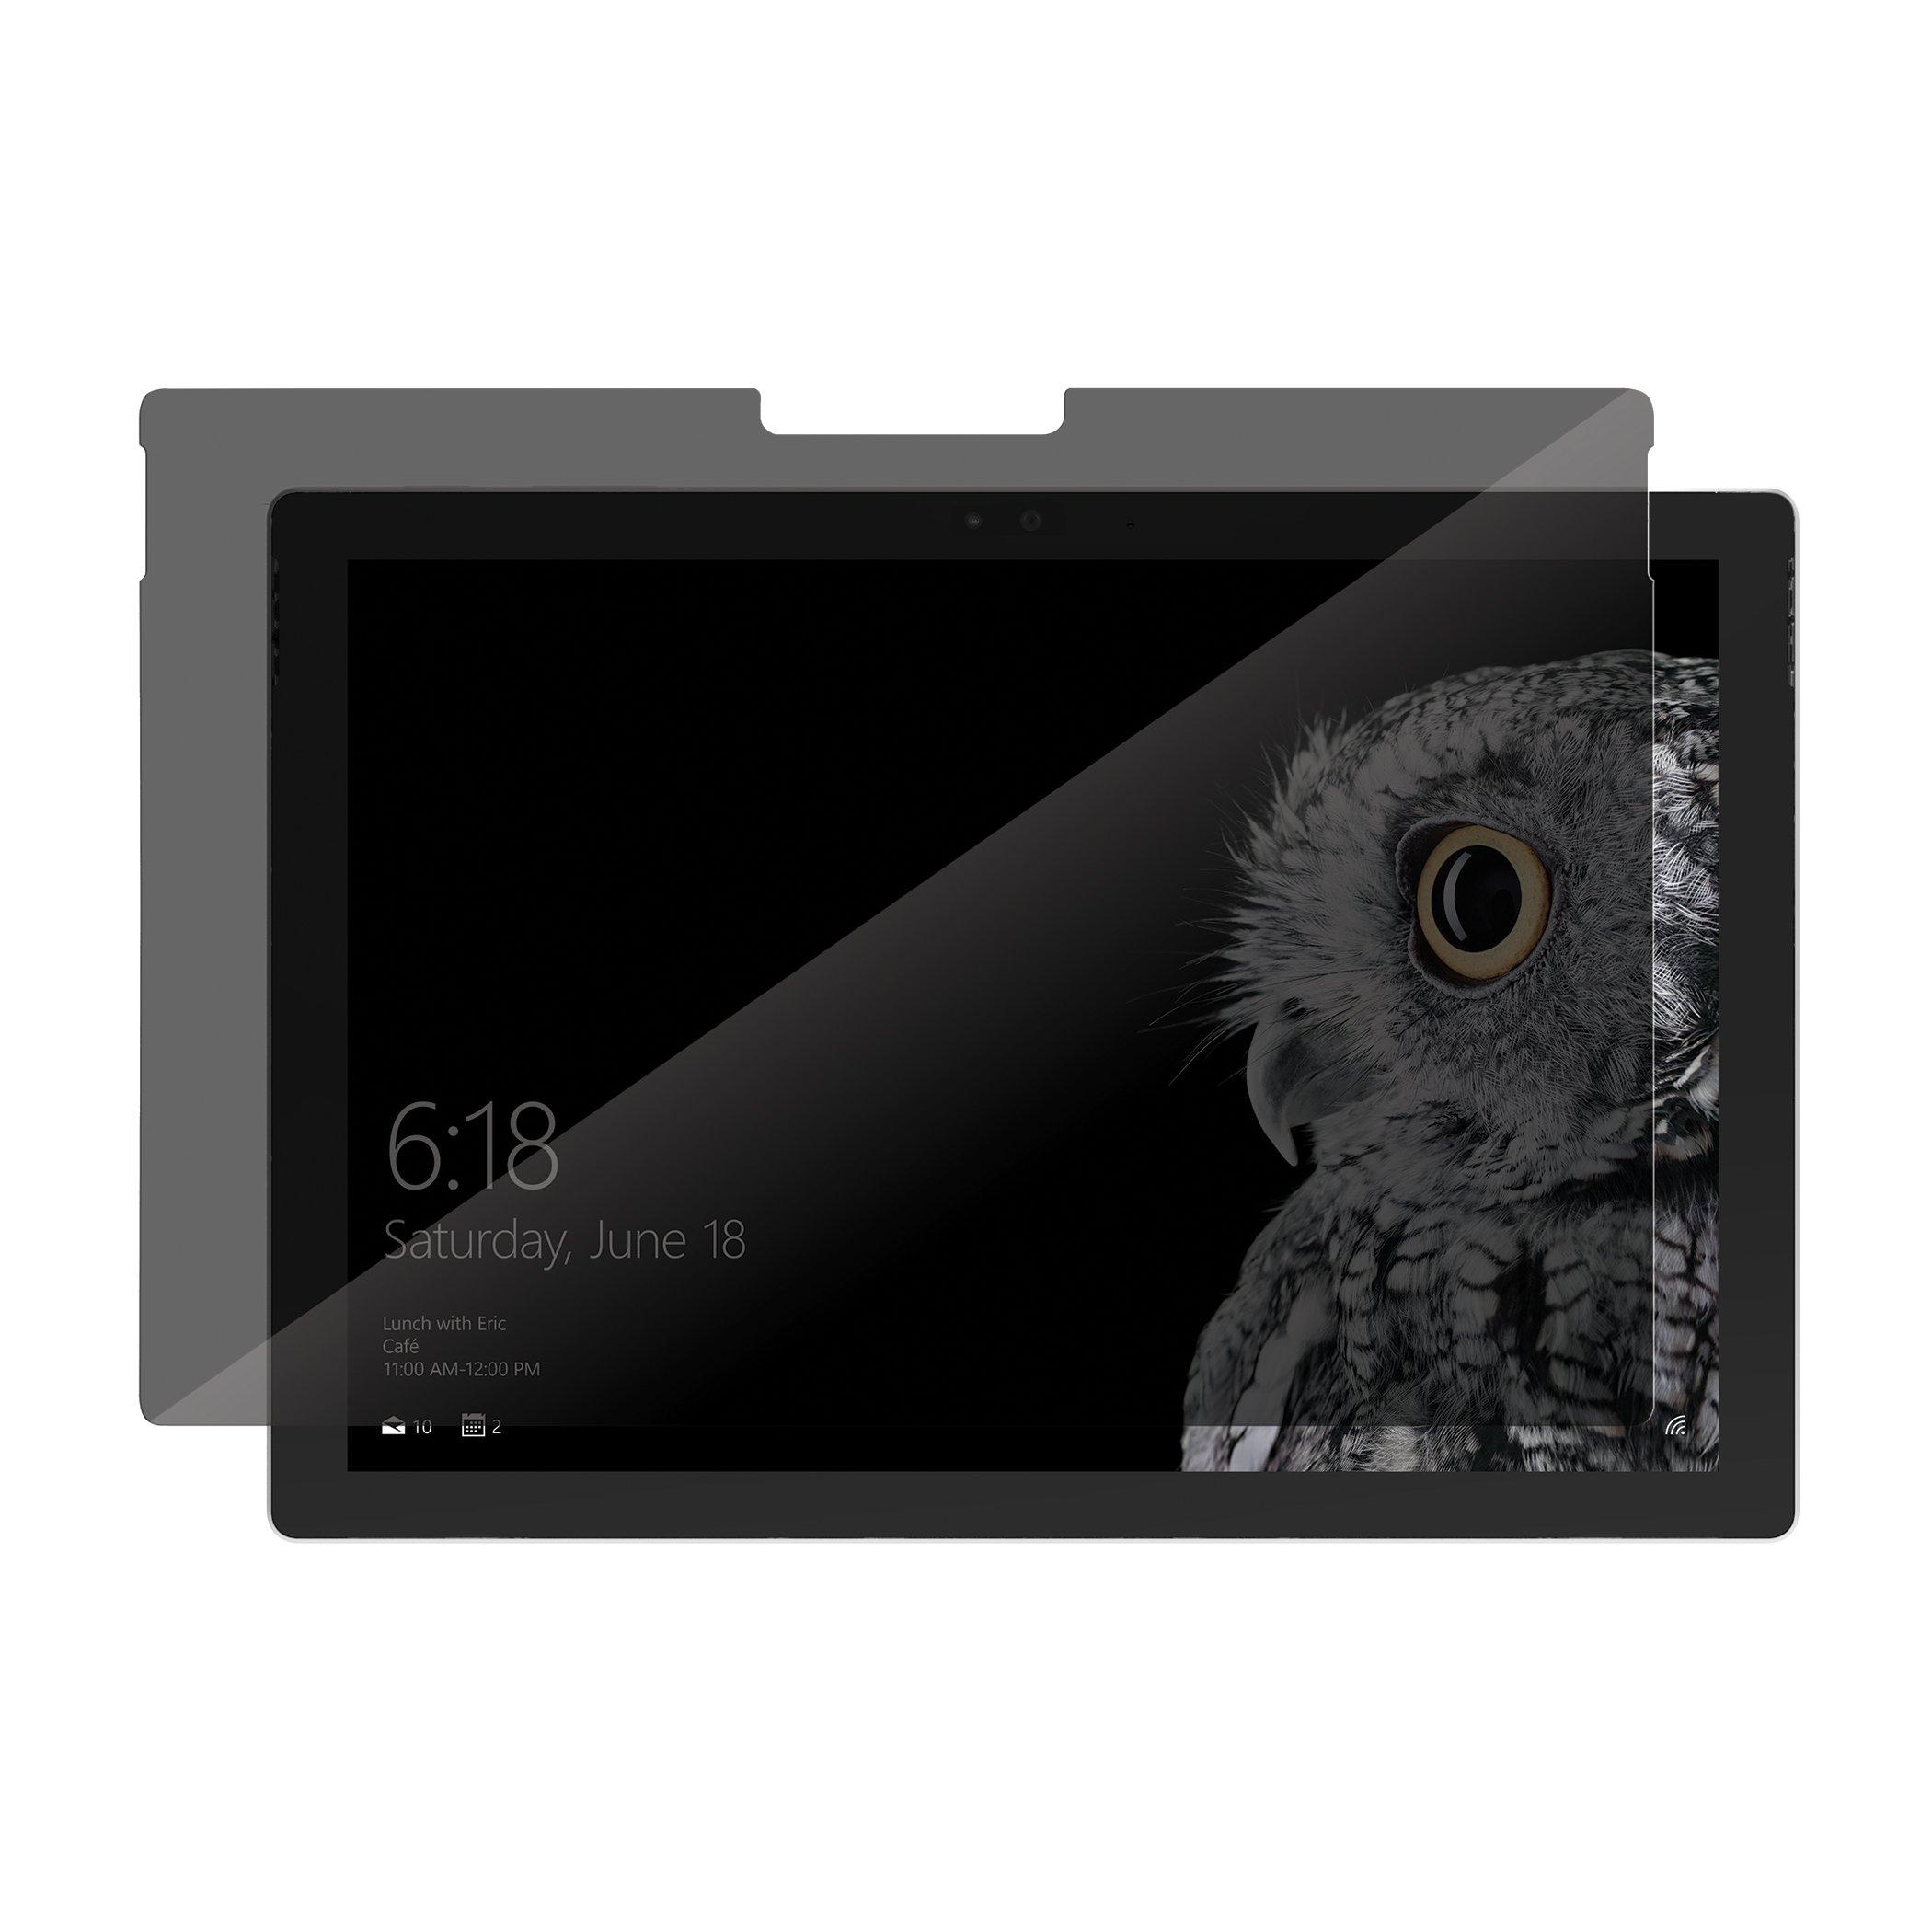 Incipio PLEX Pro Privacy Shield Screen Protector for Microsoft Surface Pro 4 Tablet